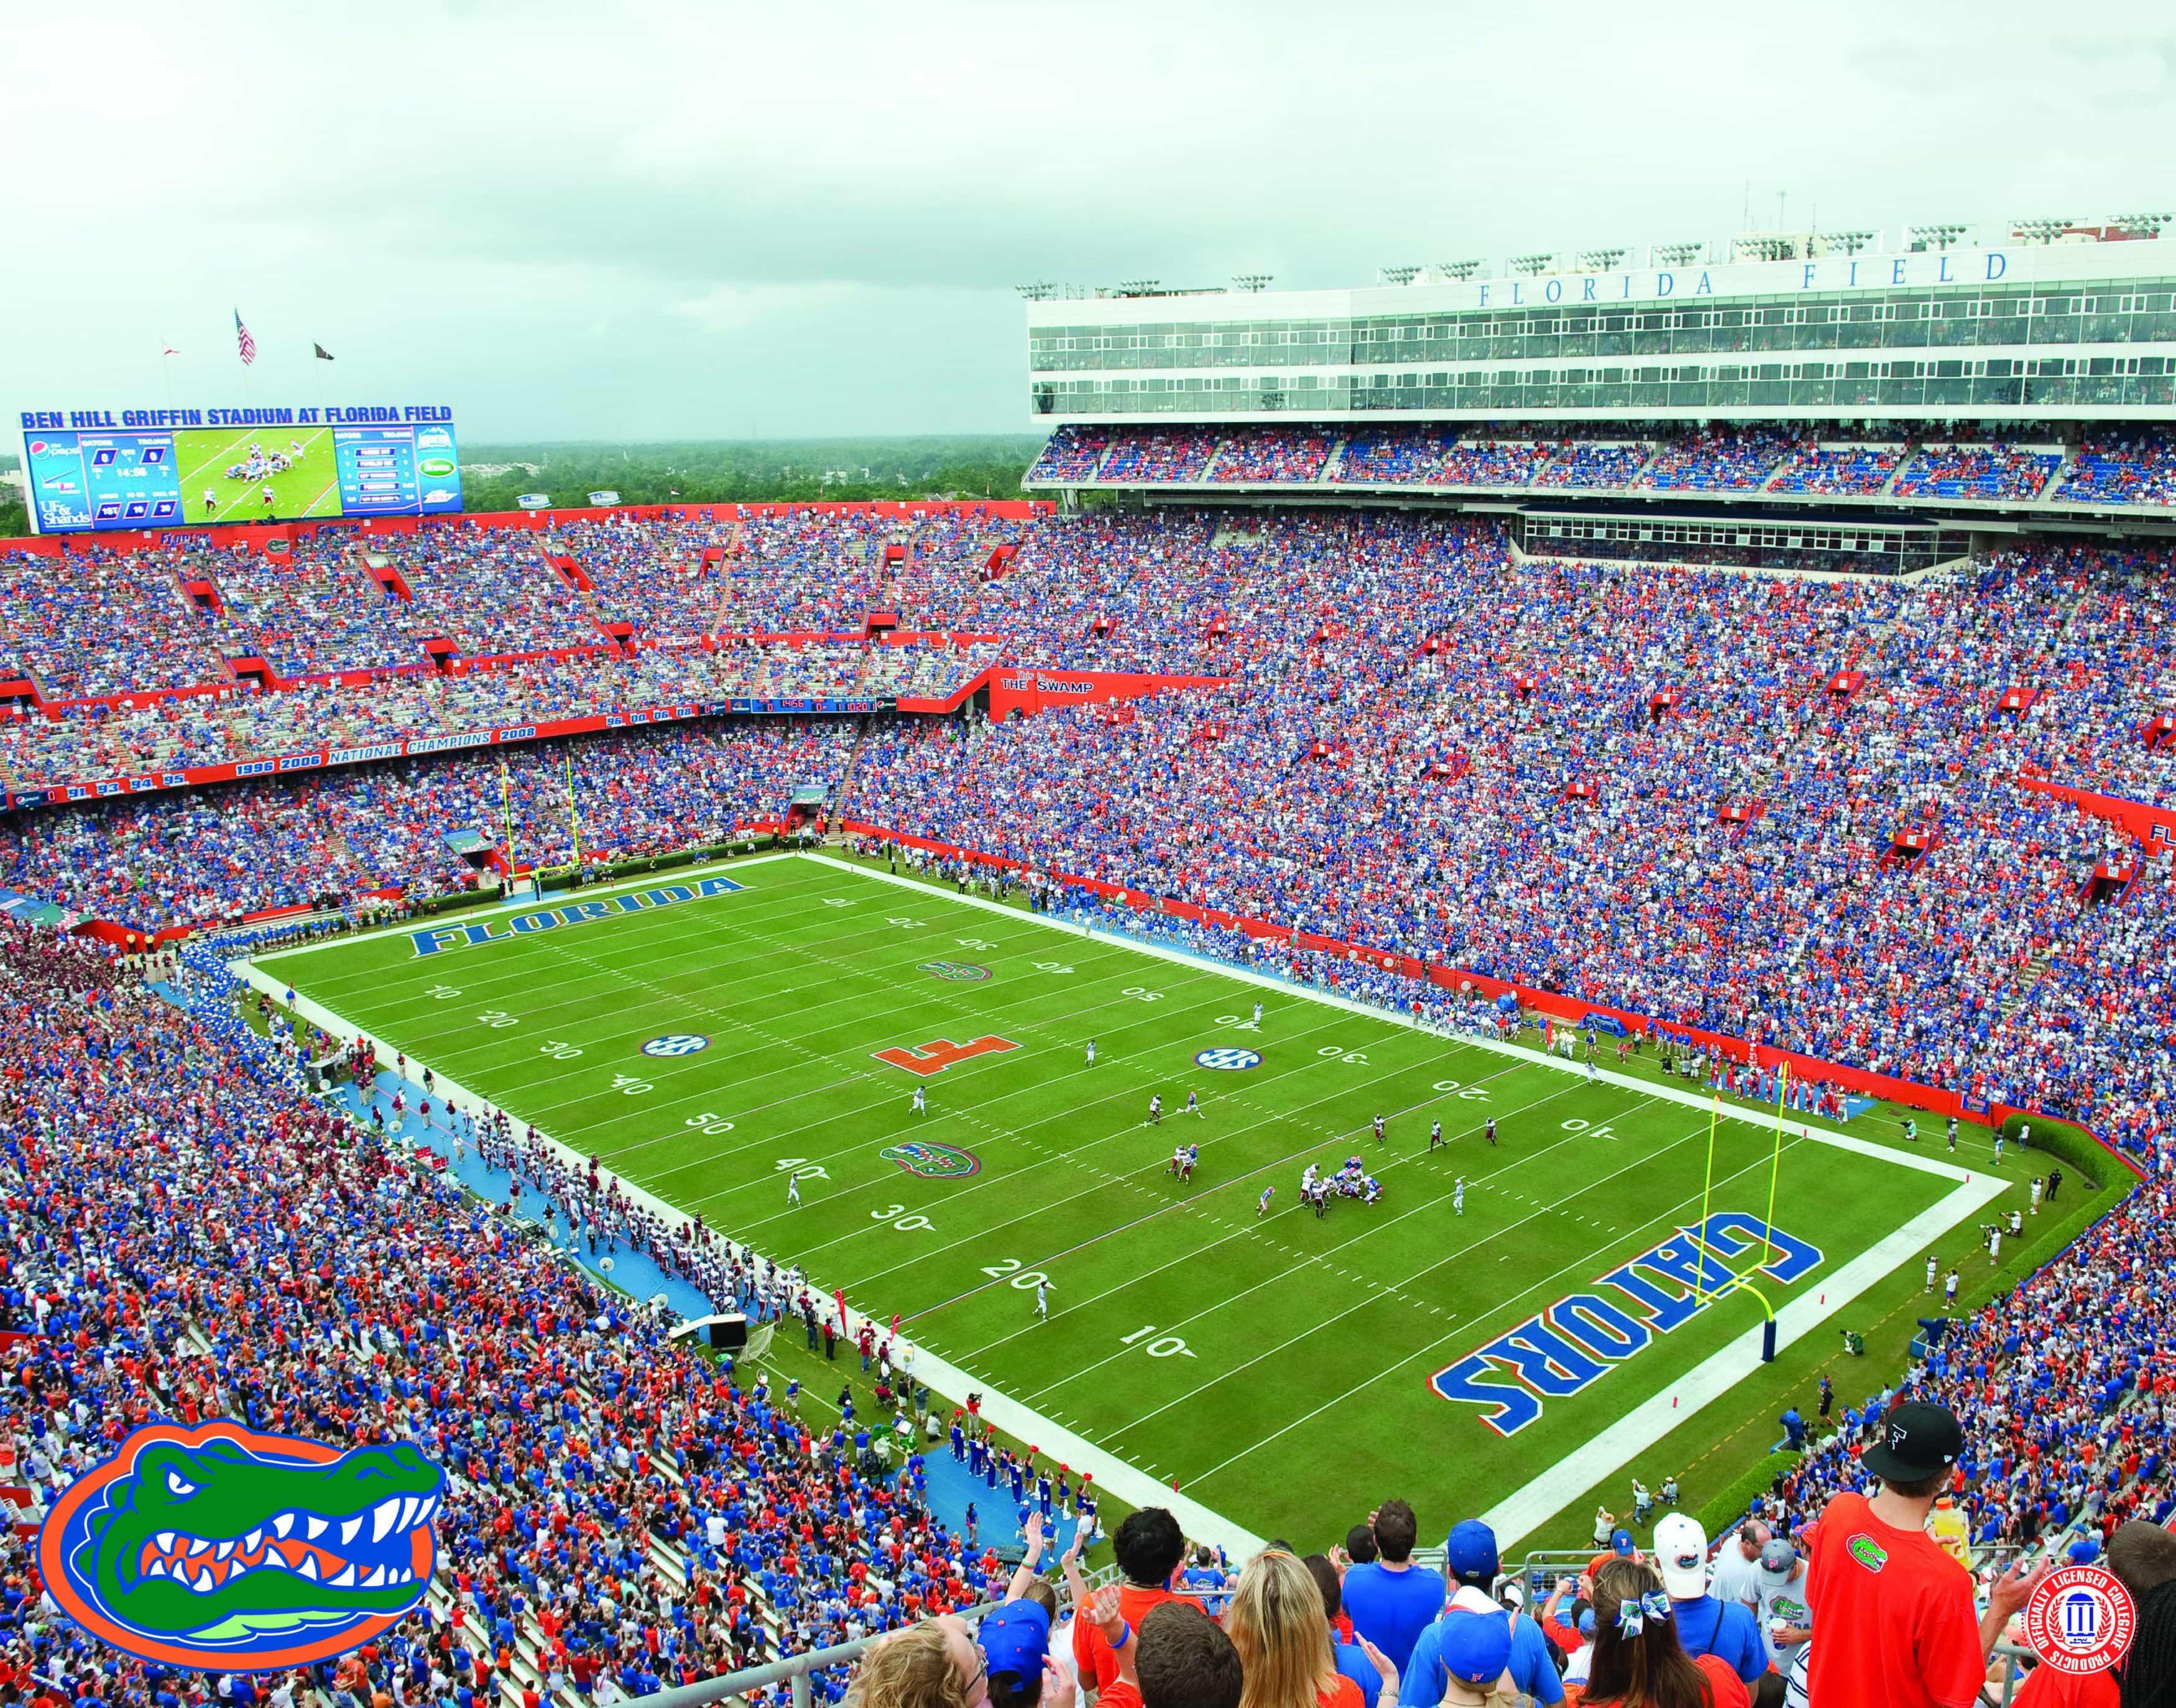 Ben-Hill-Griffin-Stadium-3500x2748.jpg